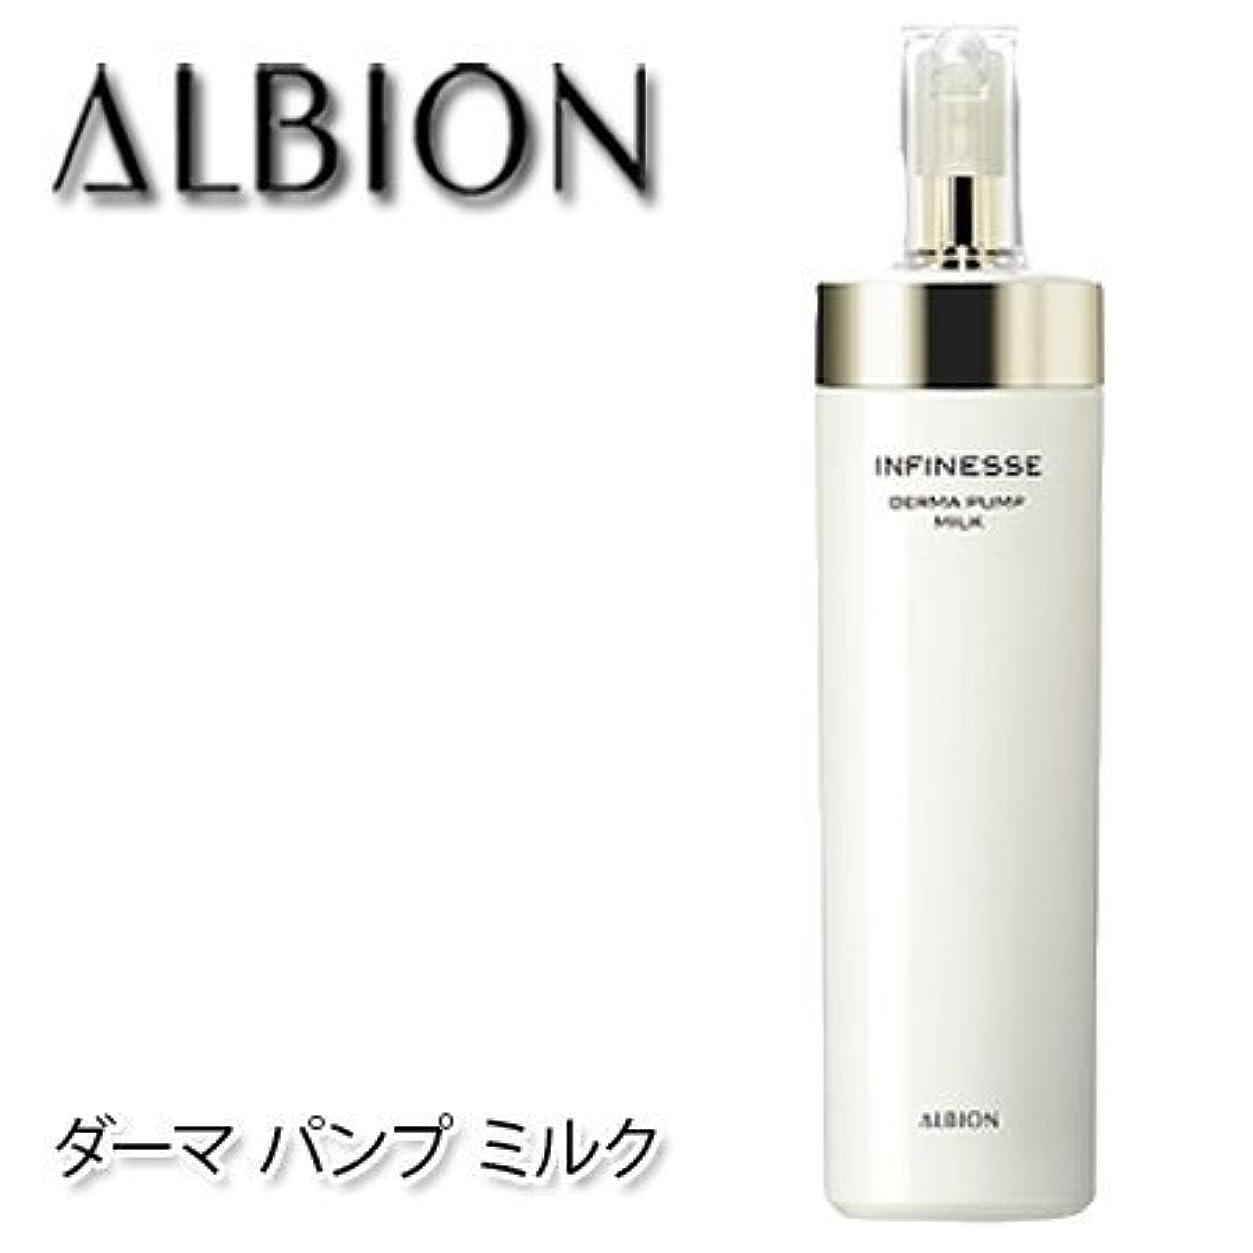 勇気のあるドラッグタンザニアアルビオン アンフィネス ダーマ パンプ ミルク 200g-ALBION-